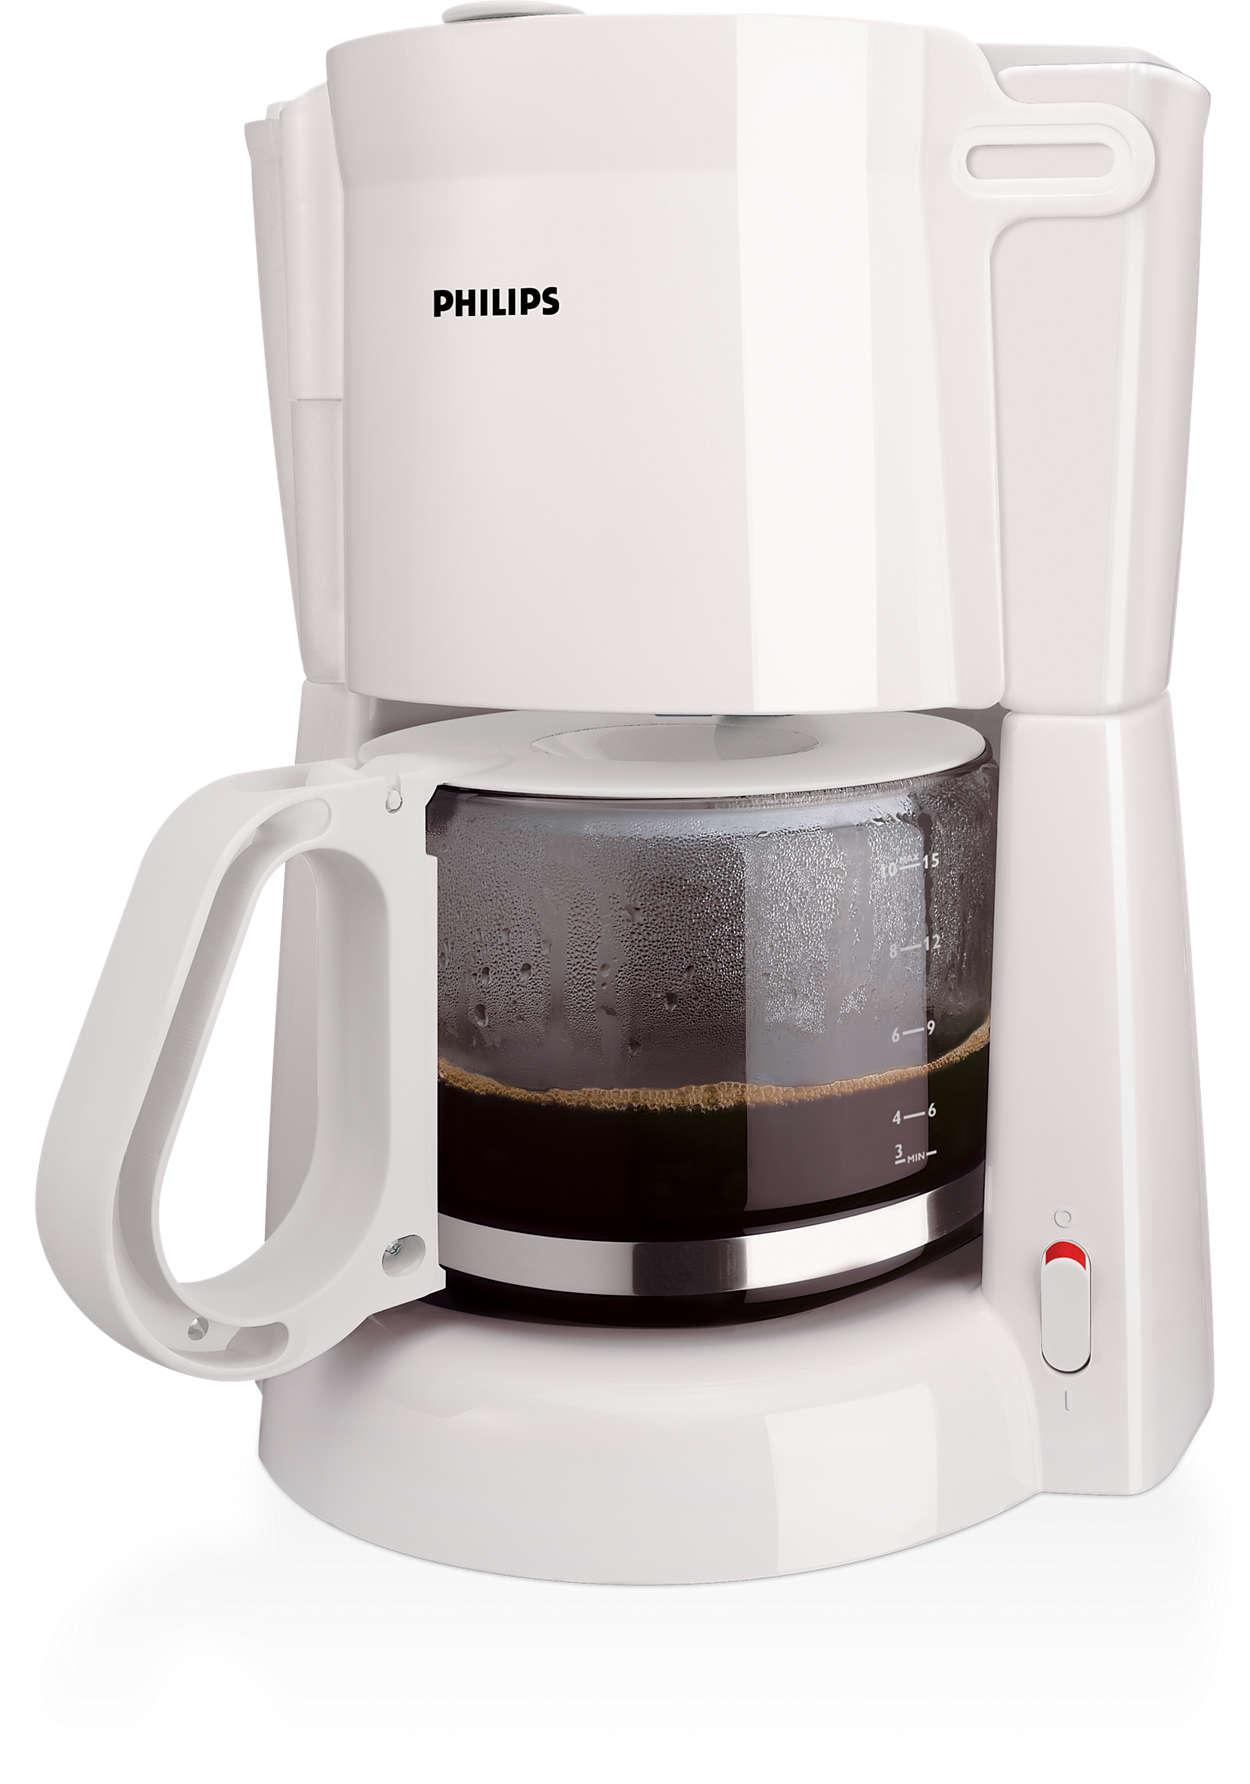 Υπέροχος καφές φίλτρου, πανεύκολη προετοιμασία